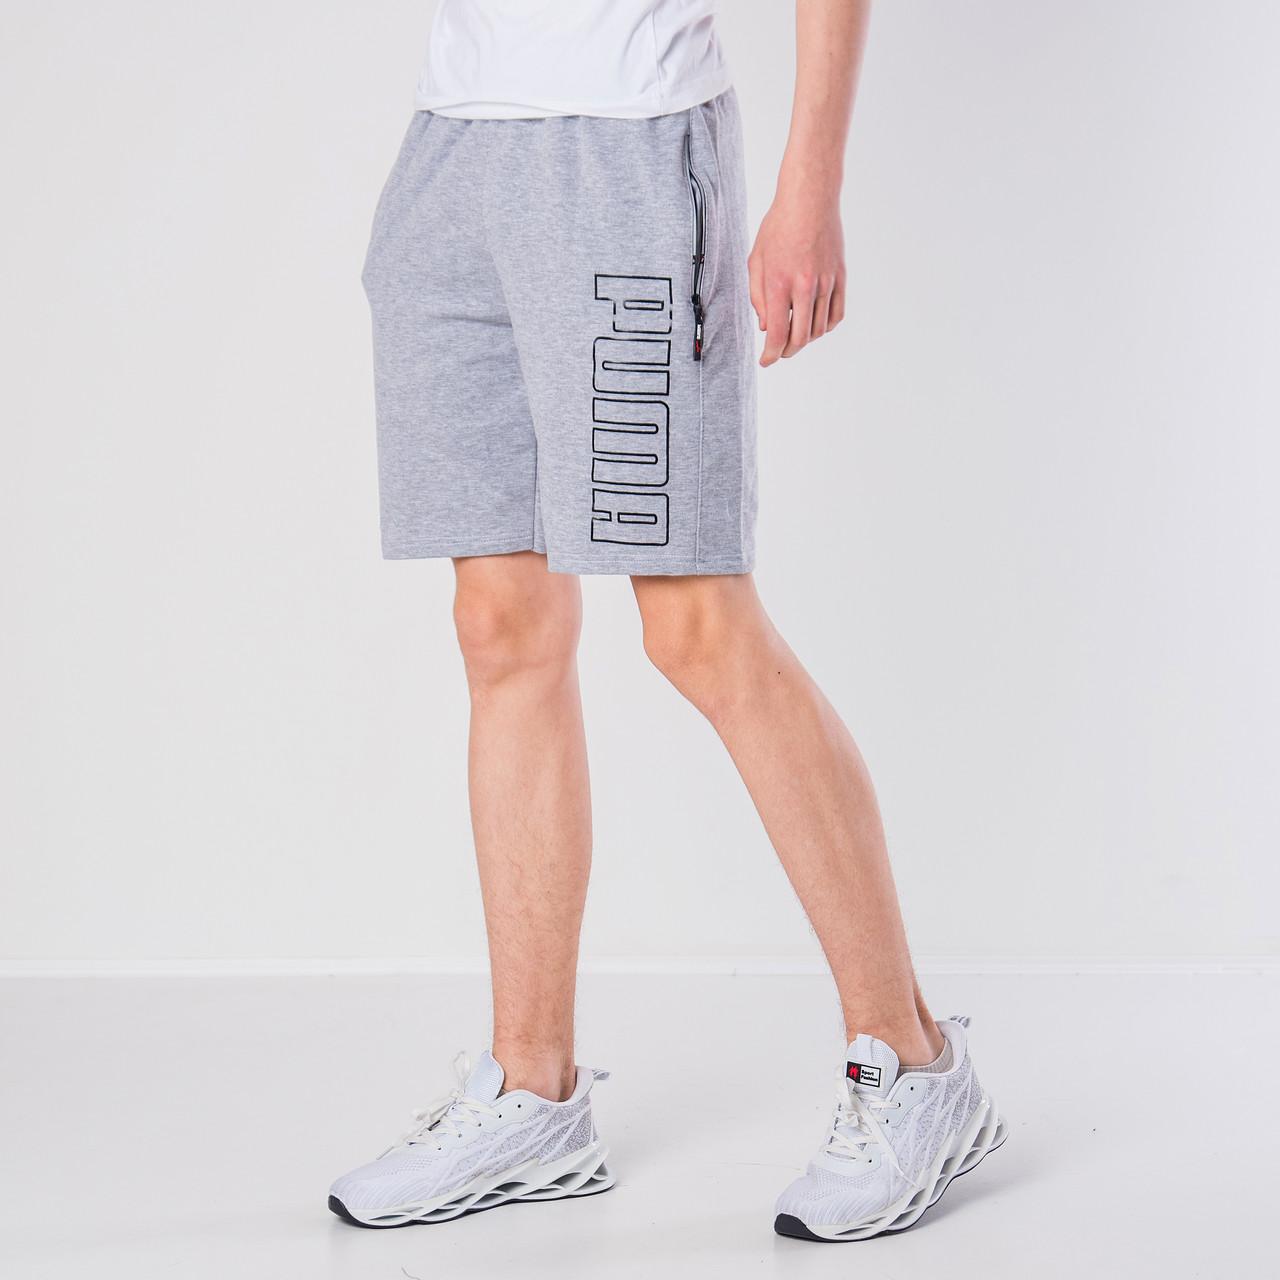 Чоловічі трикотажні шорти Puma, світло-сірого кольору